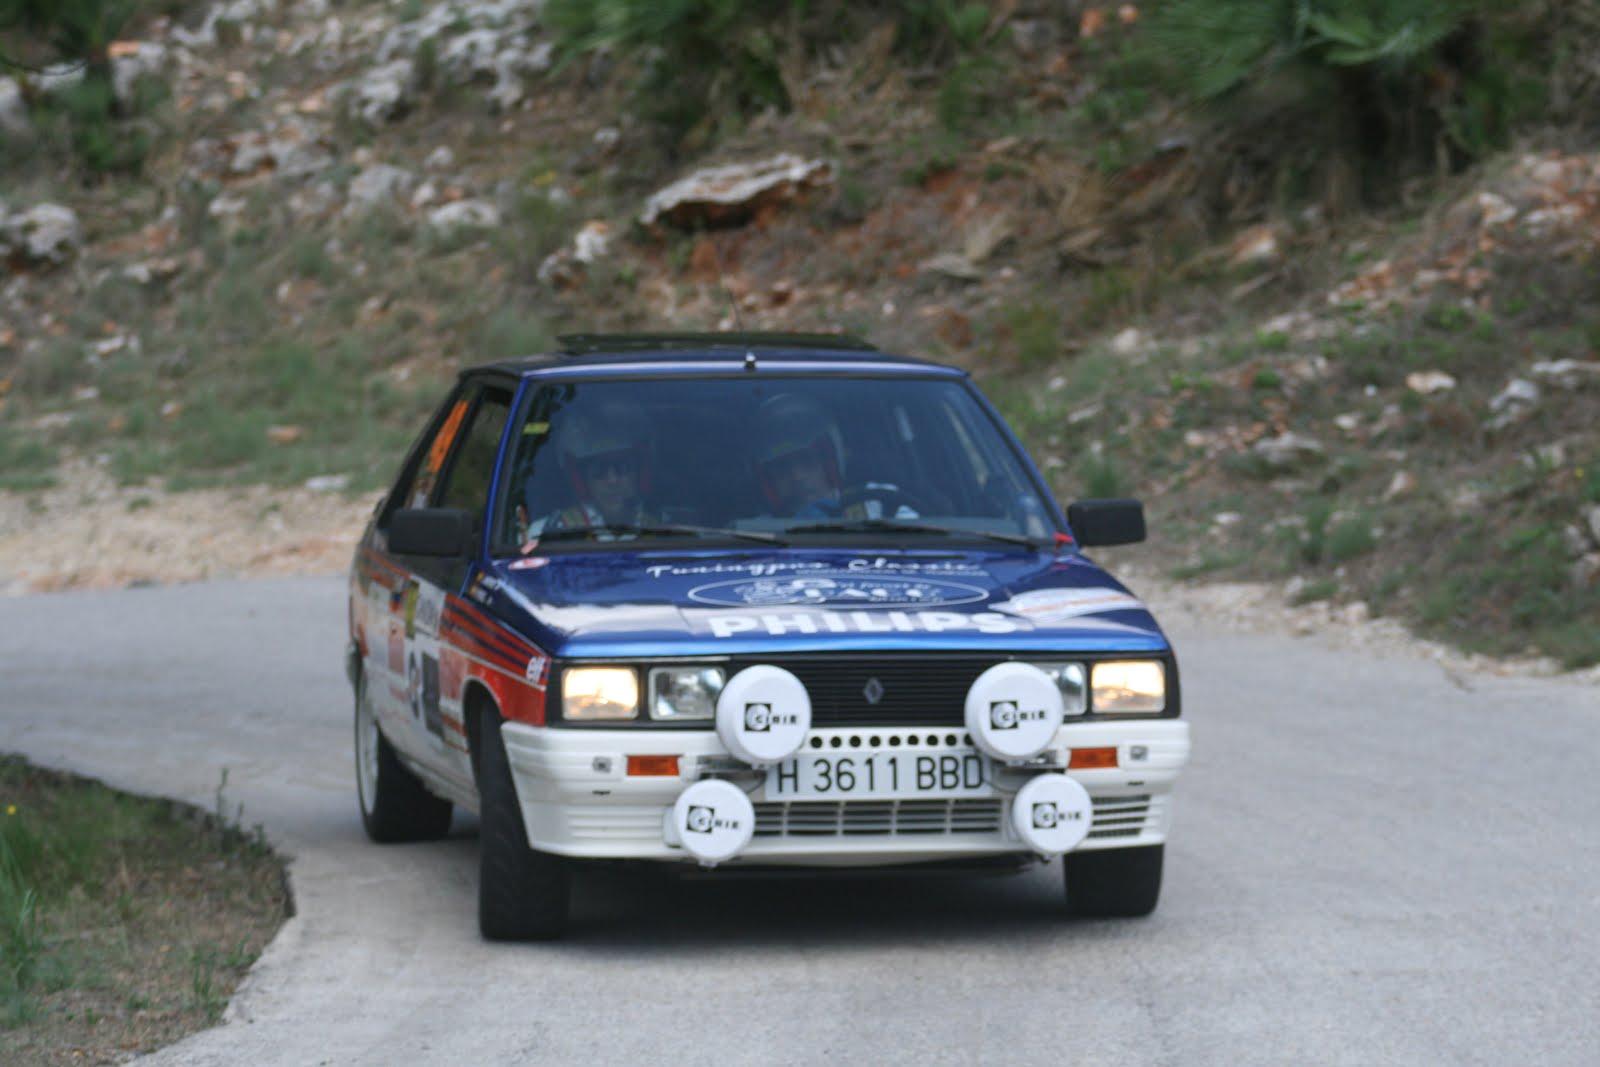 Funcionamiento Basico De Los Rallyes de Regularidad. (Pincha en la imágen)